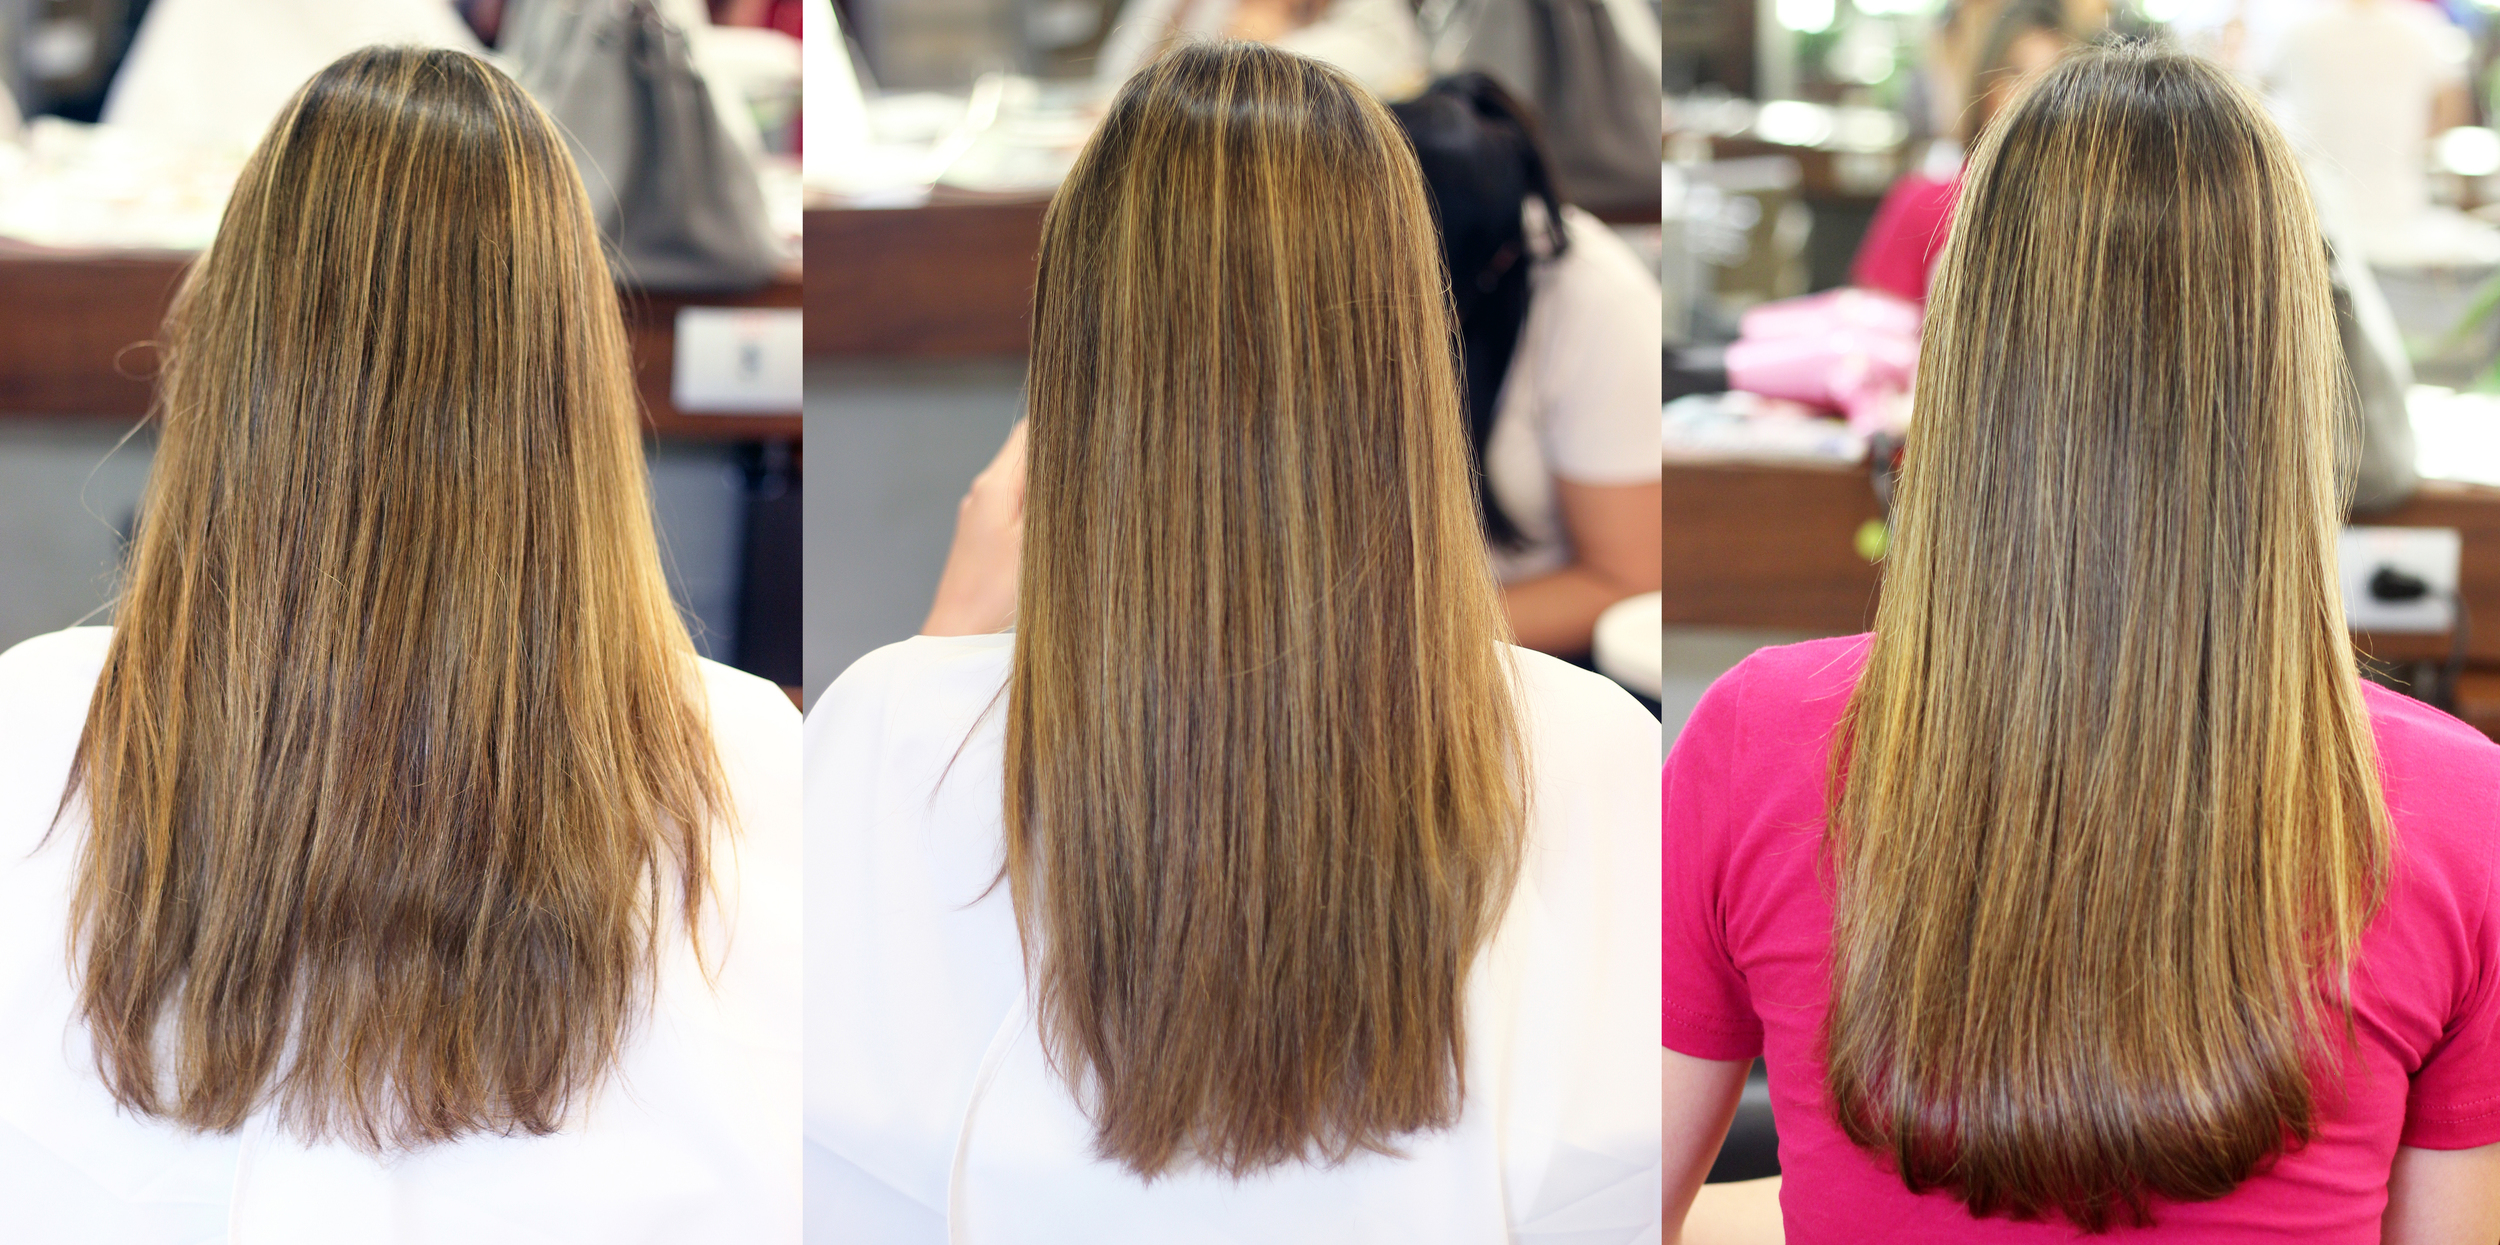 *Antes e depois do combo:  Tratamento Multivitaminas  +  Tratamento Bordado